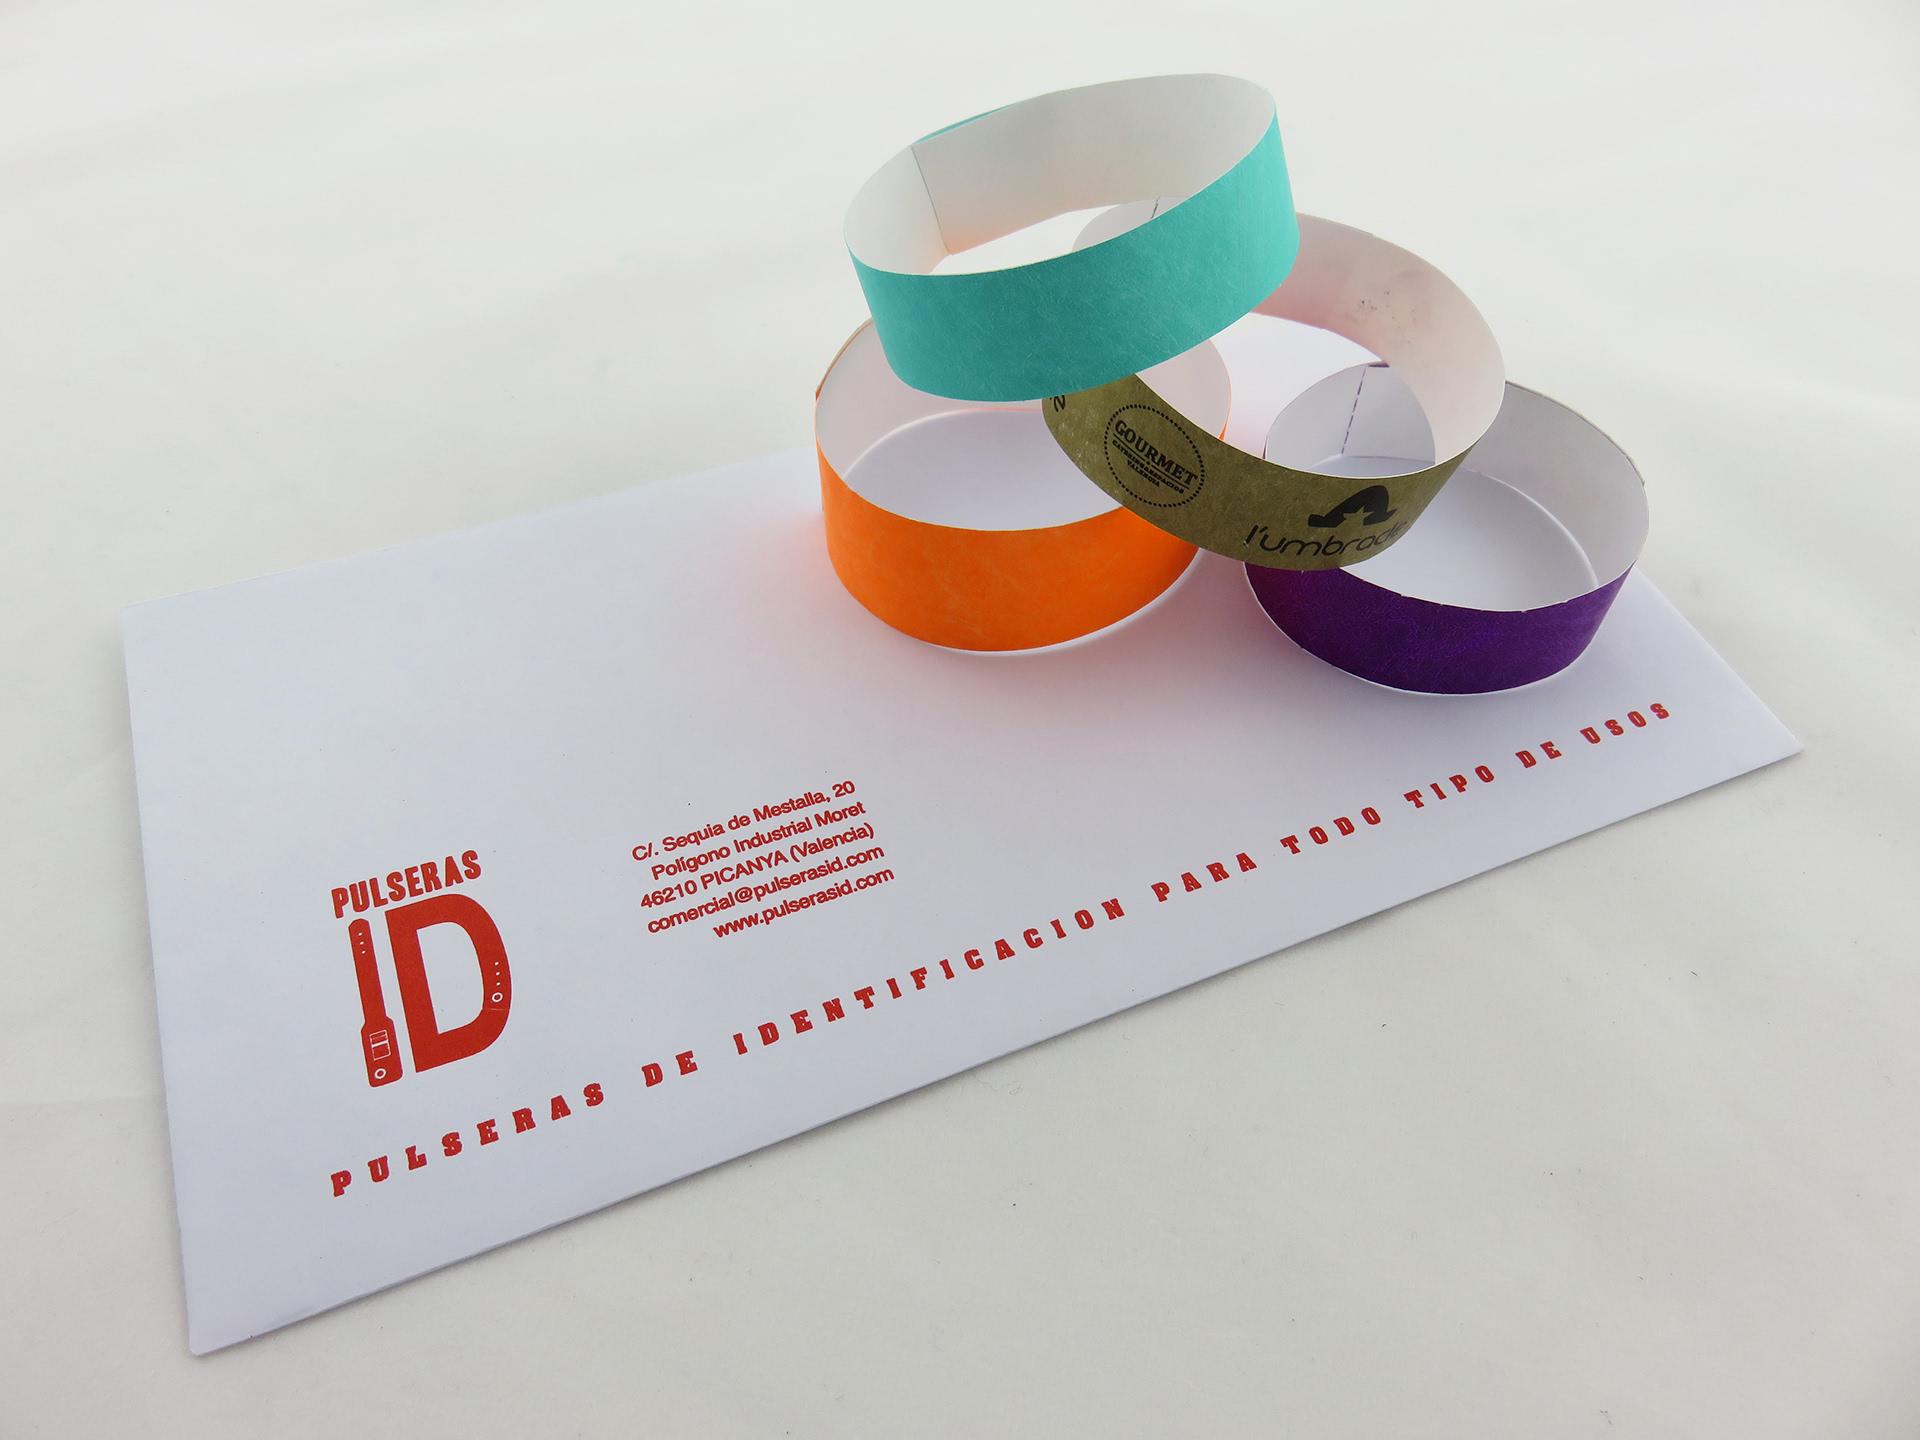 963c020492bd Dónde comprar pulseras de papel para eventos - Pulseras ID